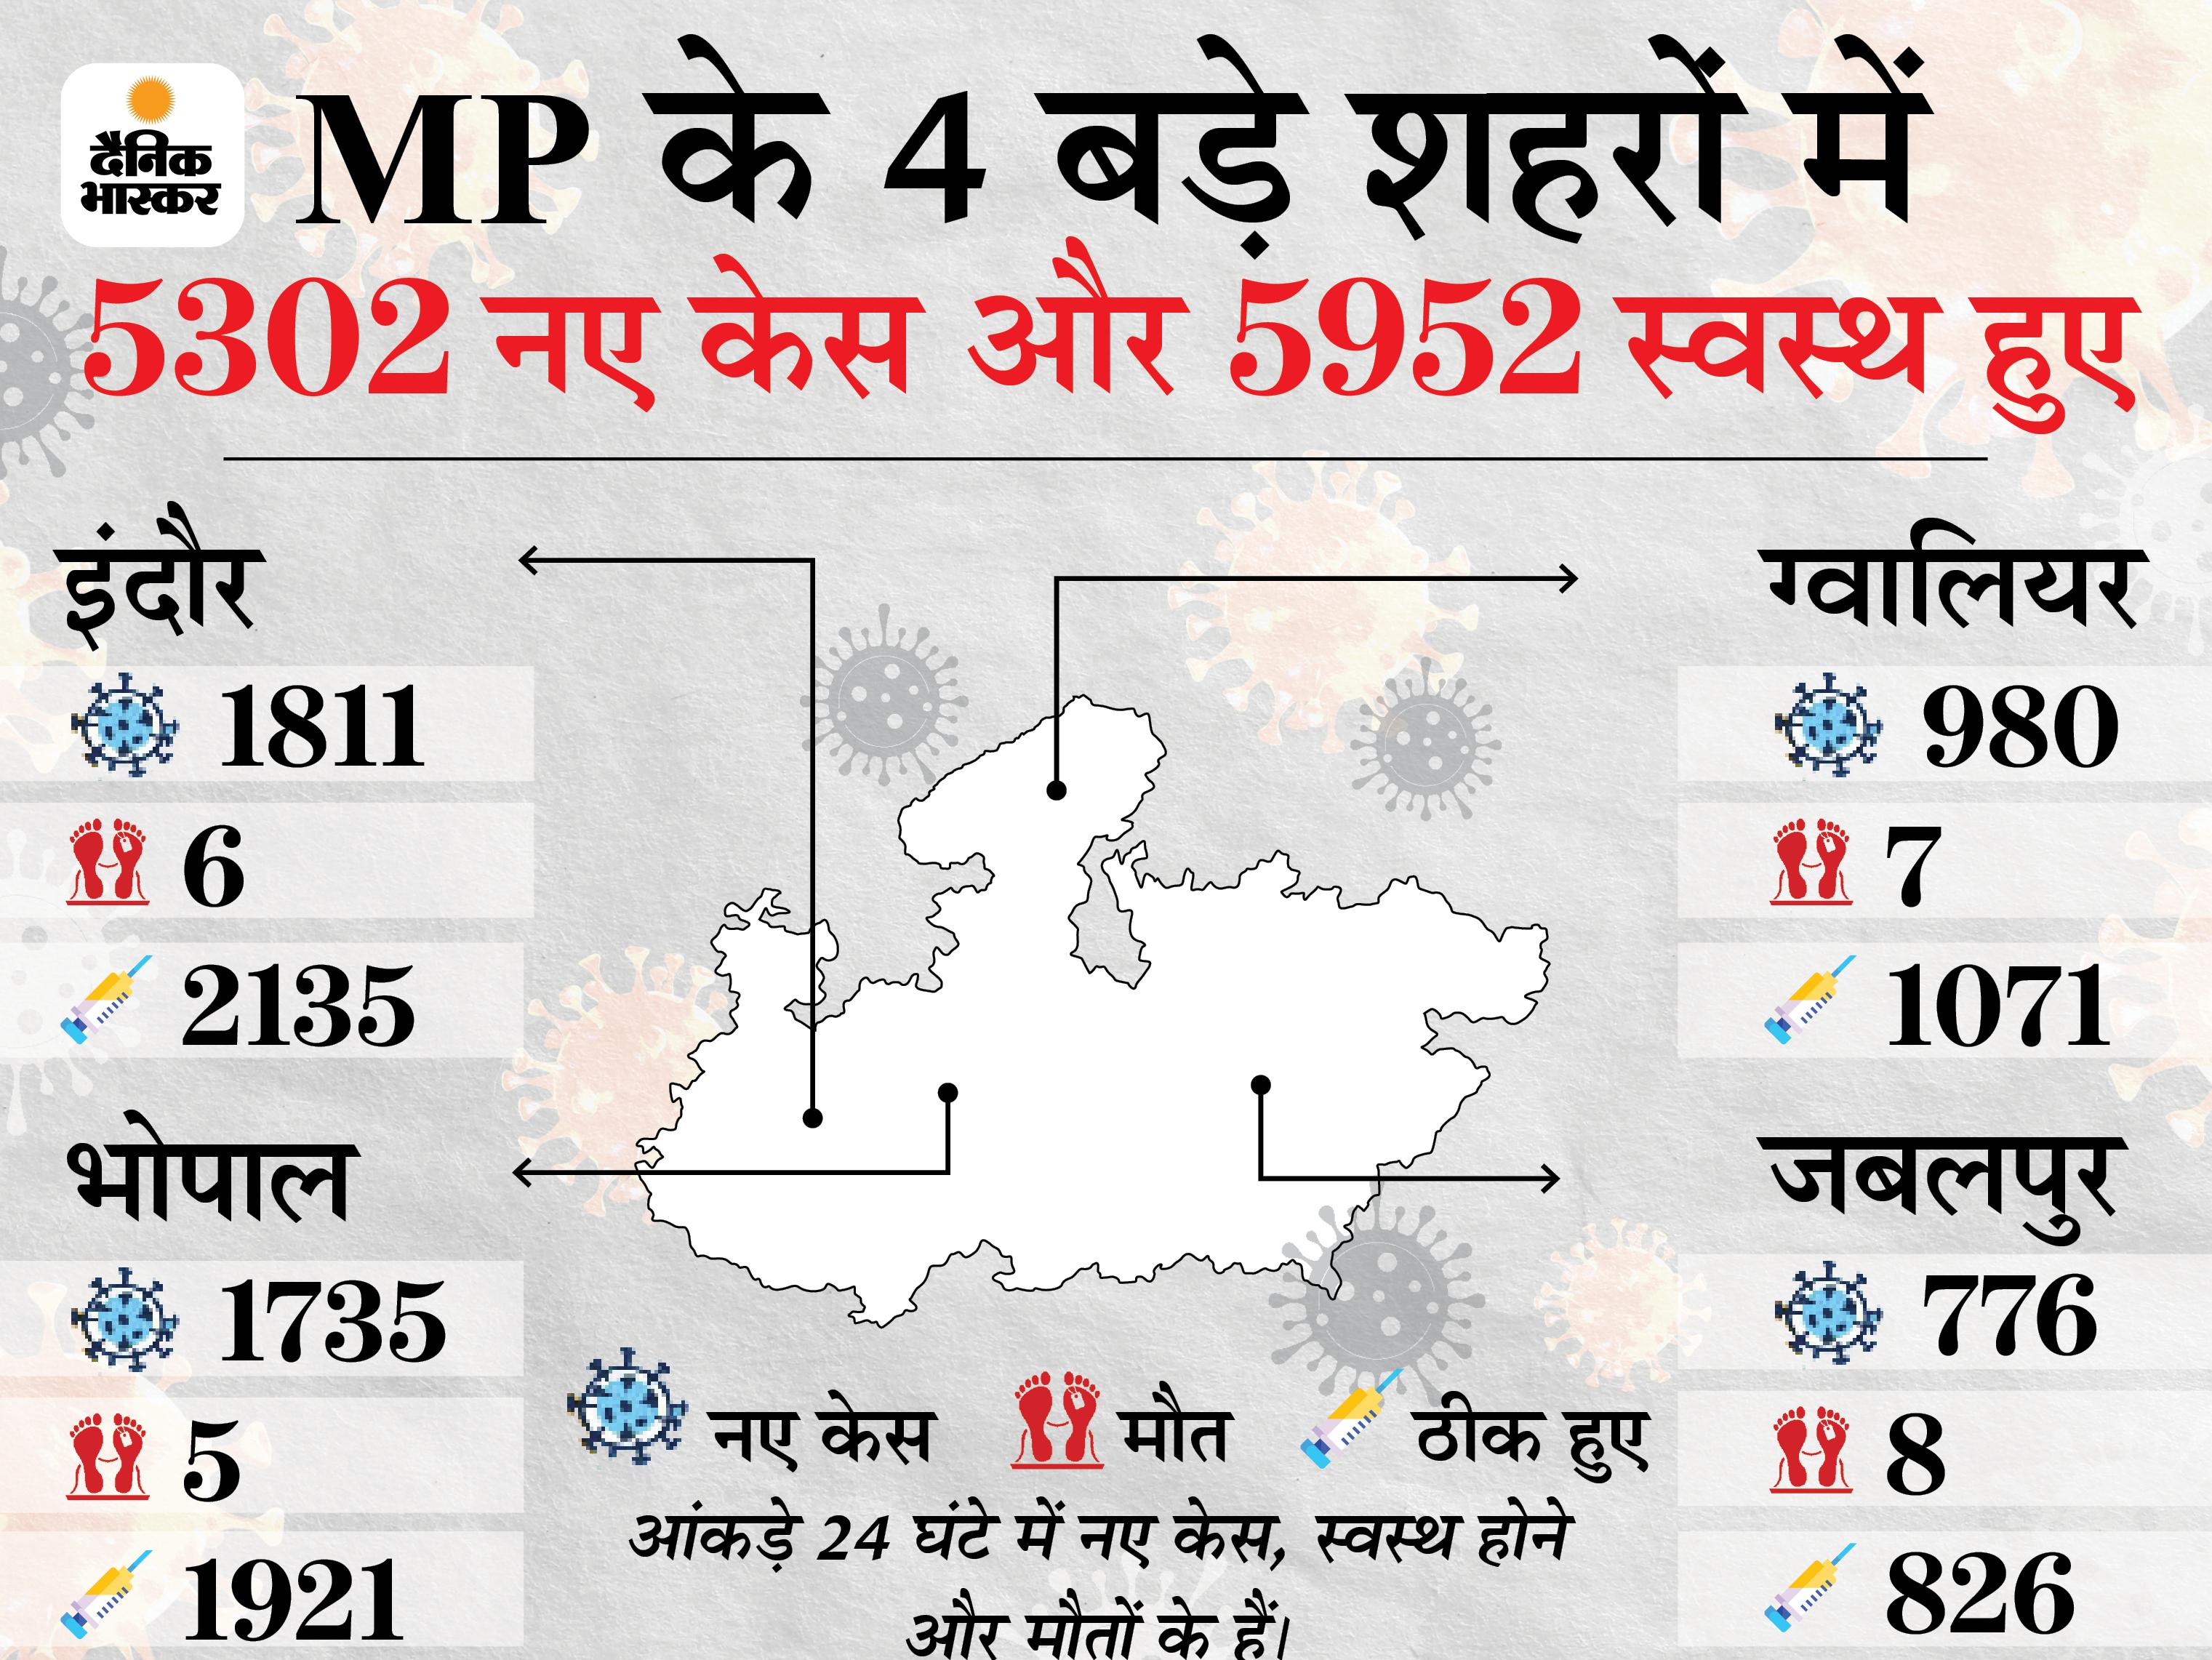 4 बड़े शहरों में नए मरीजों से ठीक हाेने वालों की संख्या बढ़ी, मौतों का आंकड़ा भी प्रदेश में कम|मध्य प्रदेश,Madhya Pradesh - Dainik Bhaskar